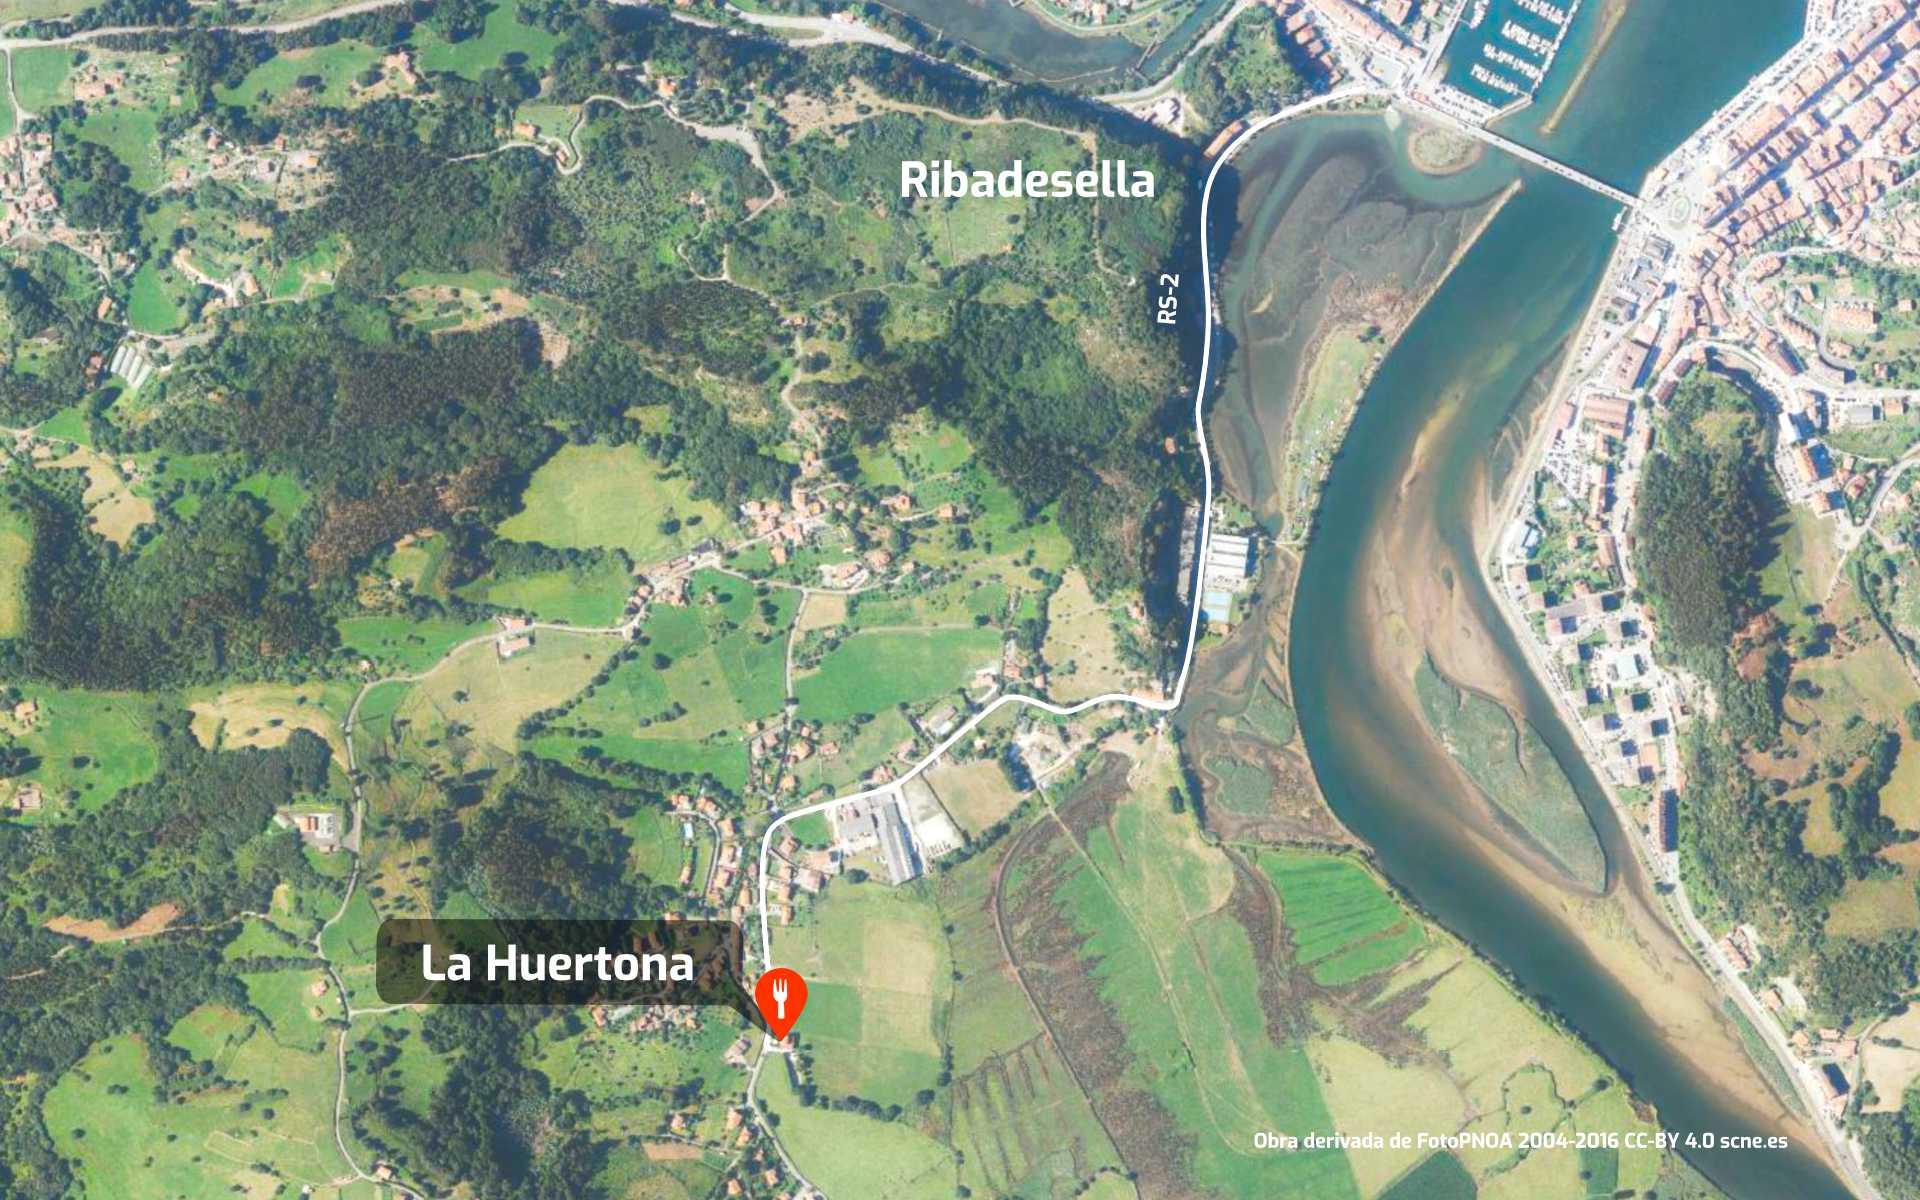 Mapa de cómo llegar al restaurante La Huertona en Ribadesella, Asturias